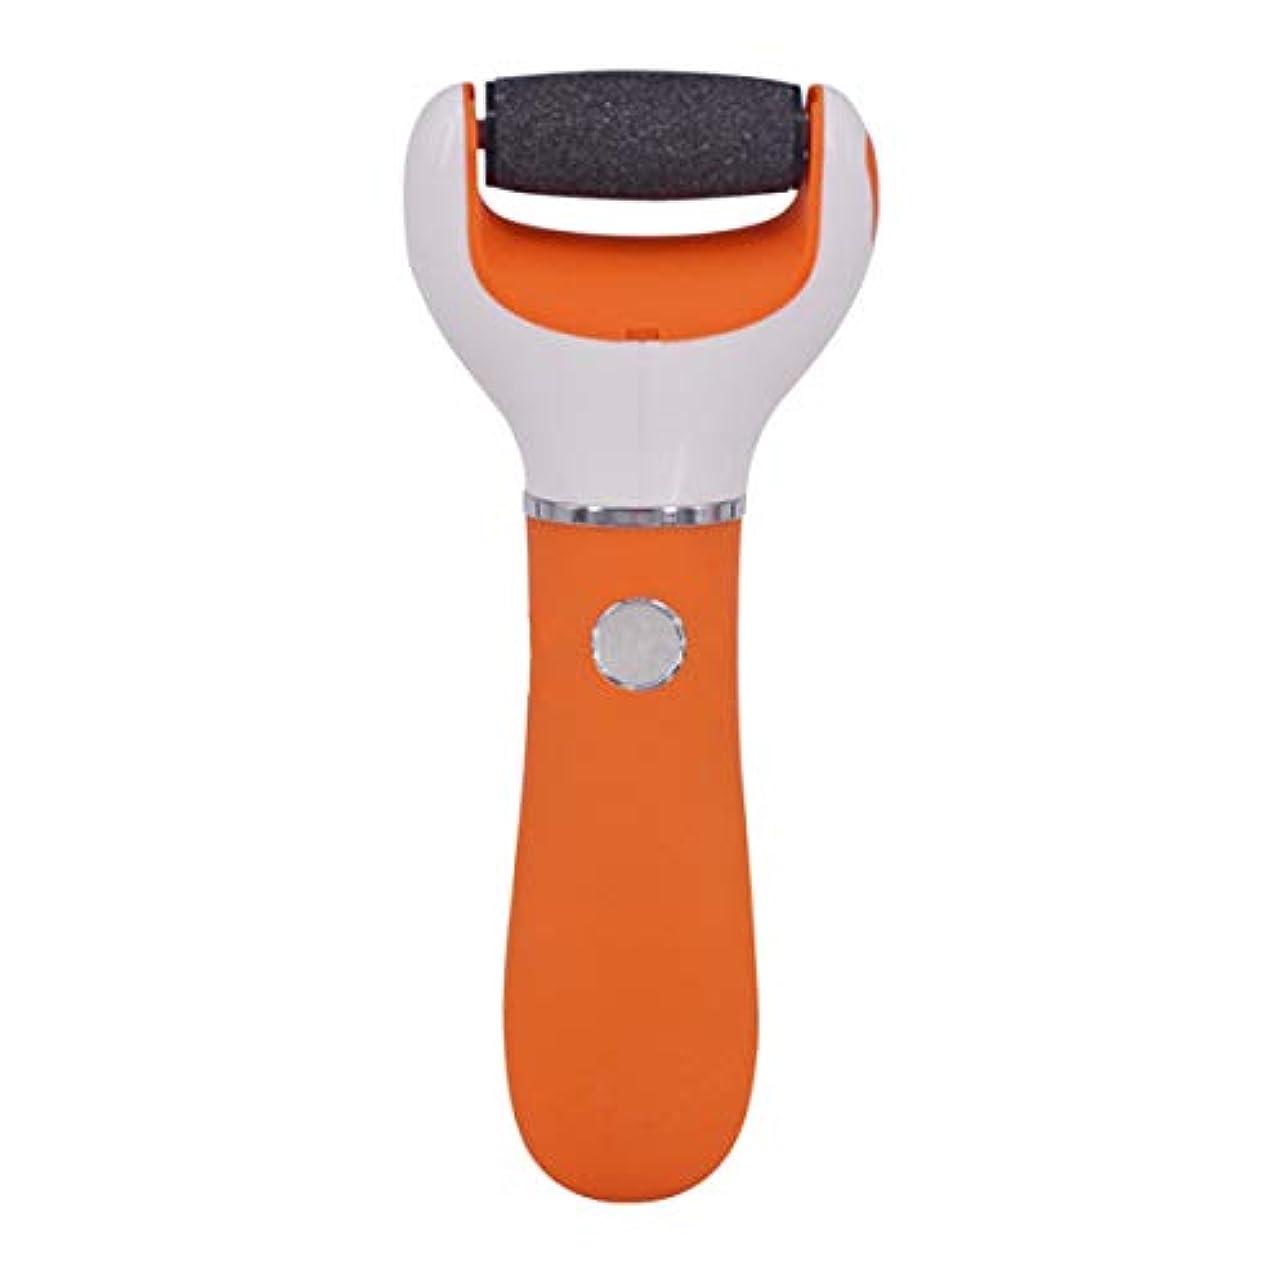 生む詩植物学者電気足ファイルデバイスの充電式電気ペディキュアデバイスは、たこのペディキュアの楽器を剥離します,Orange